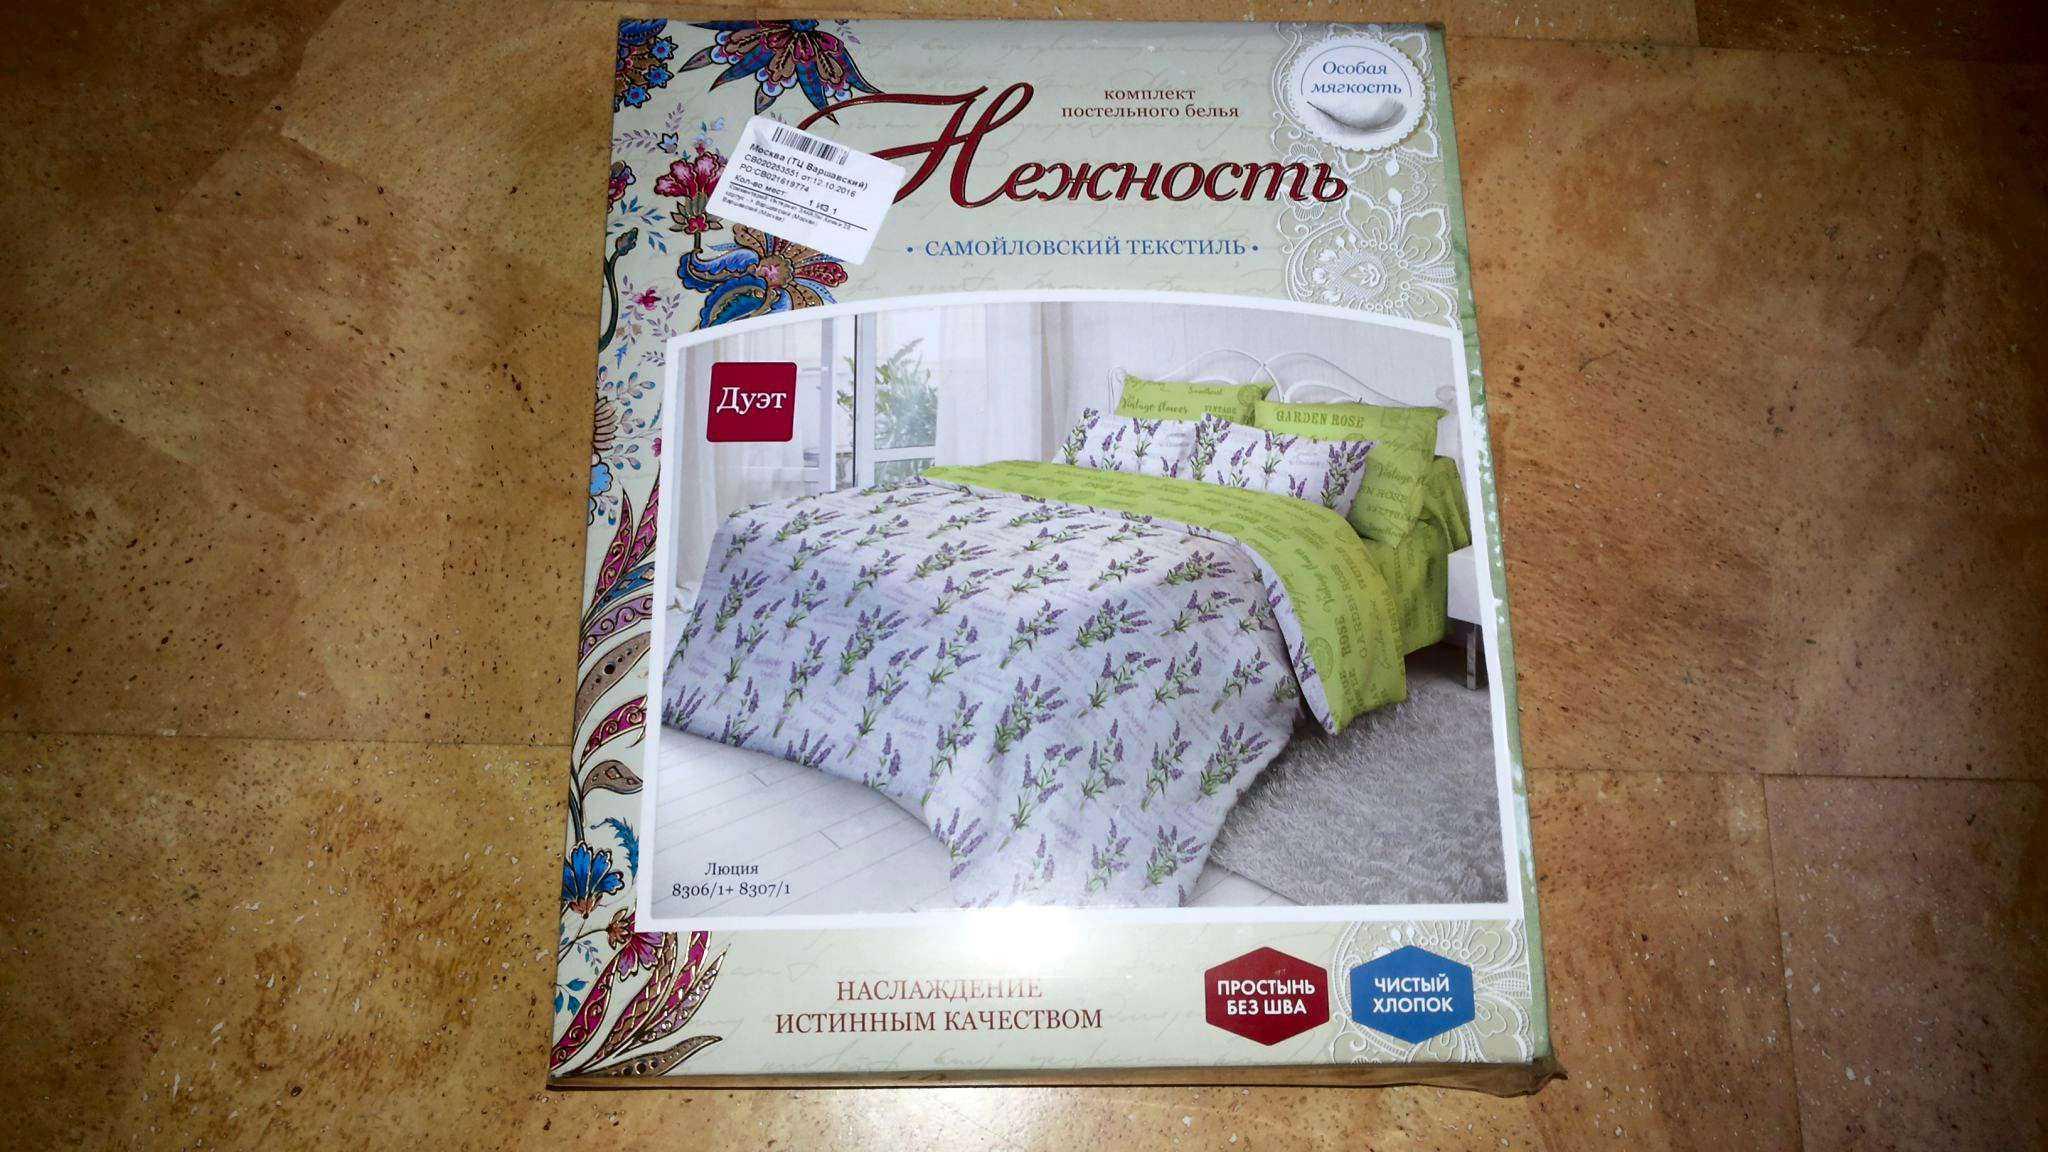 Как выбрать постельное белье и избежать подделки